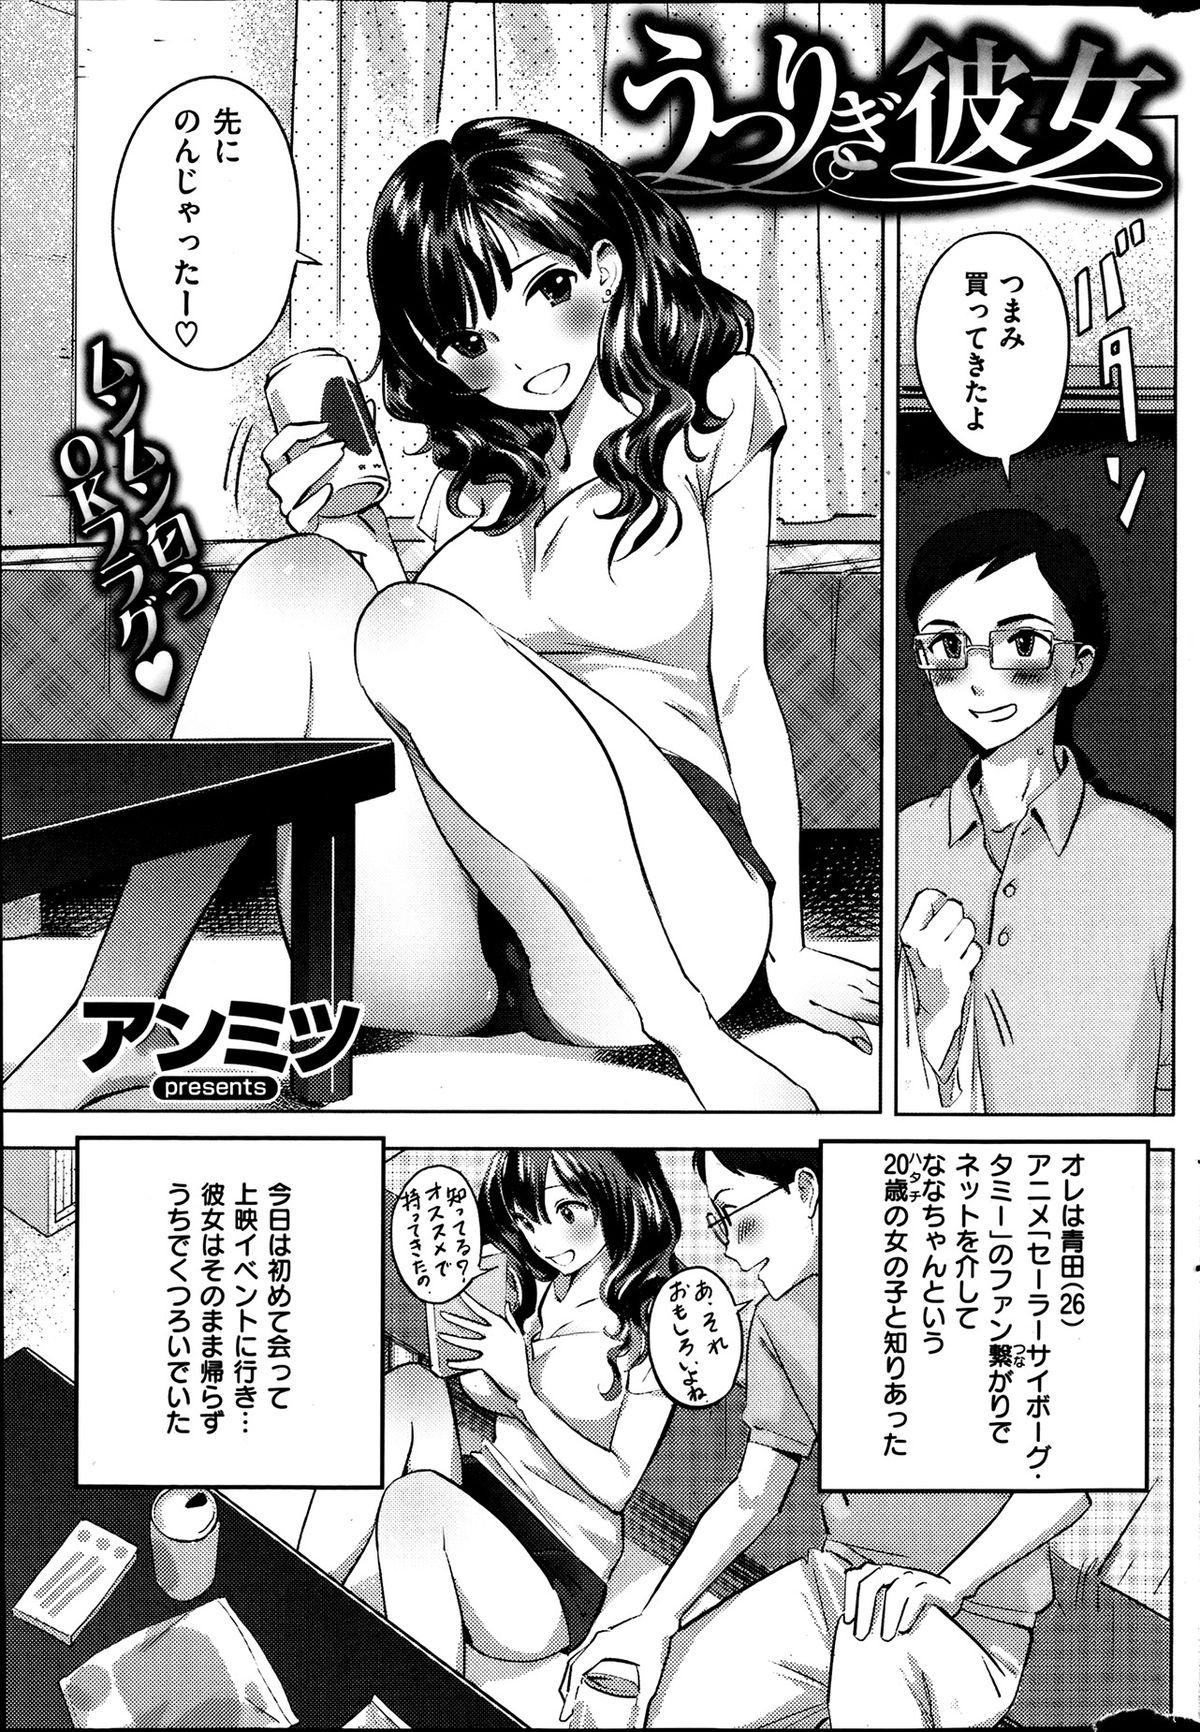 COMIC HANA-MAN 2013-08 Takeda Hiromitsu Tokushuu 252